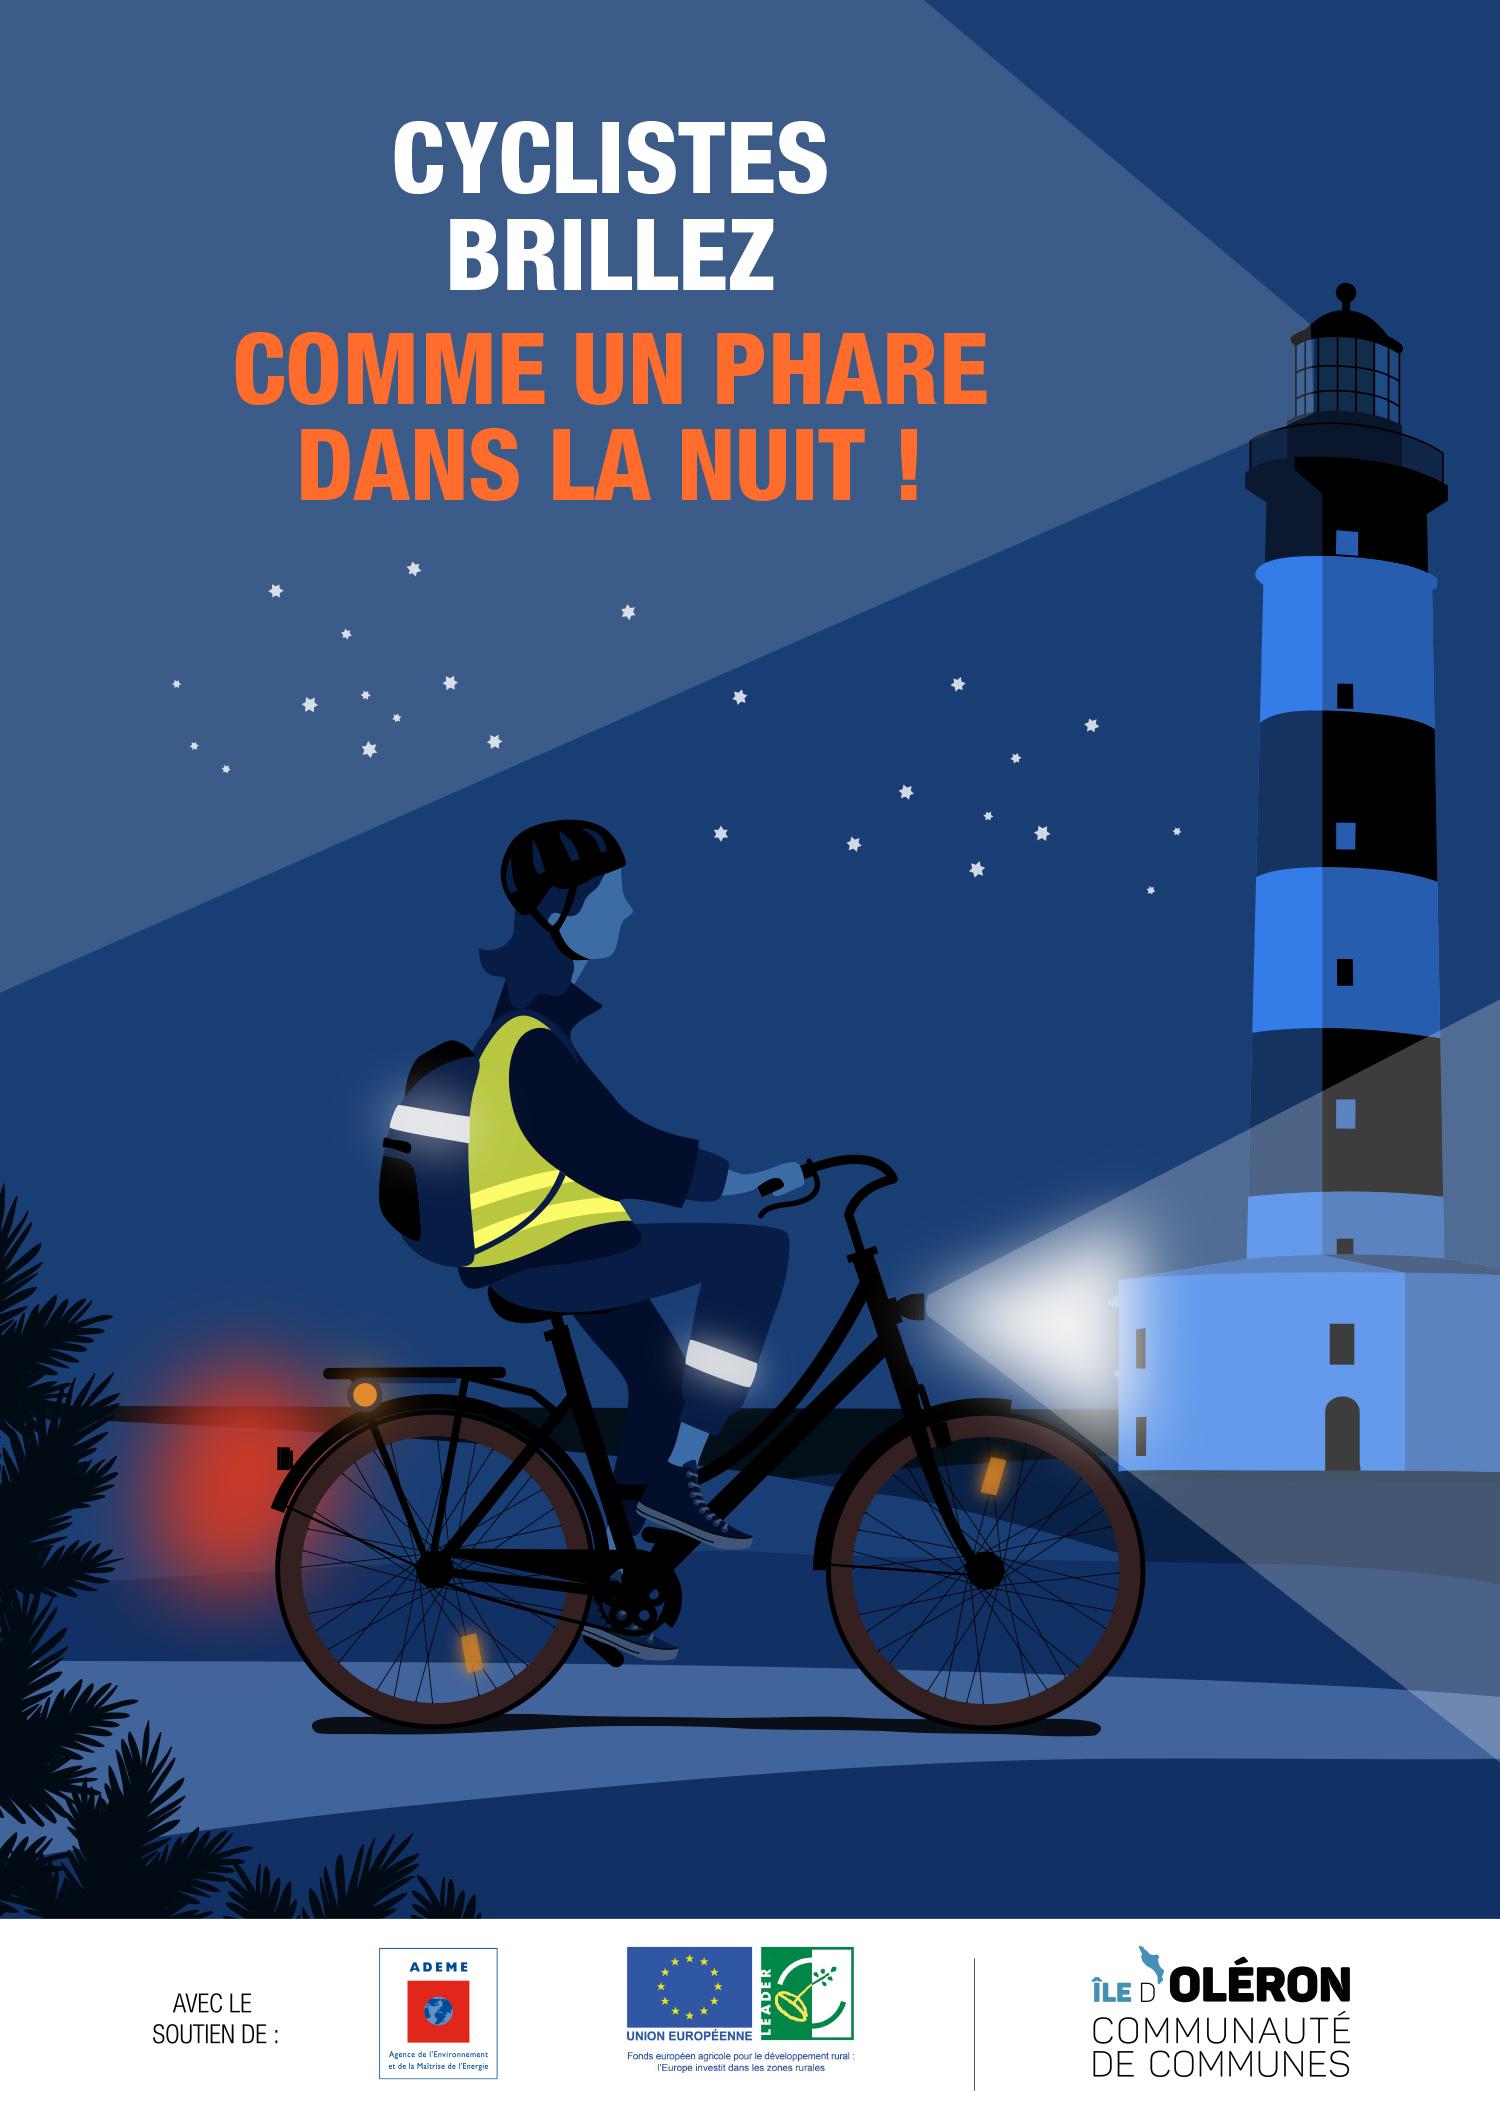 Sécurité routière, être éclairé et visible la nuit notamment en vélo